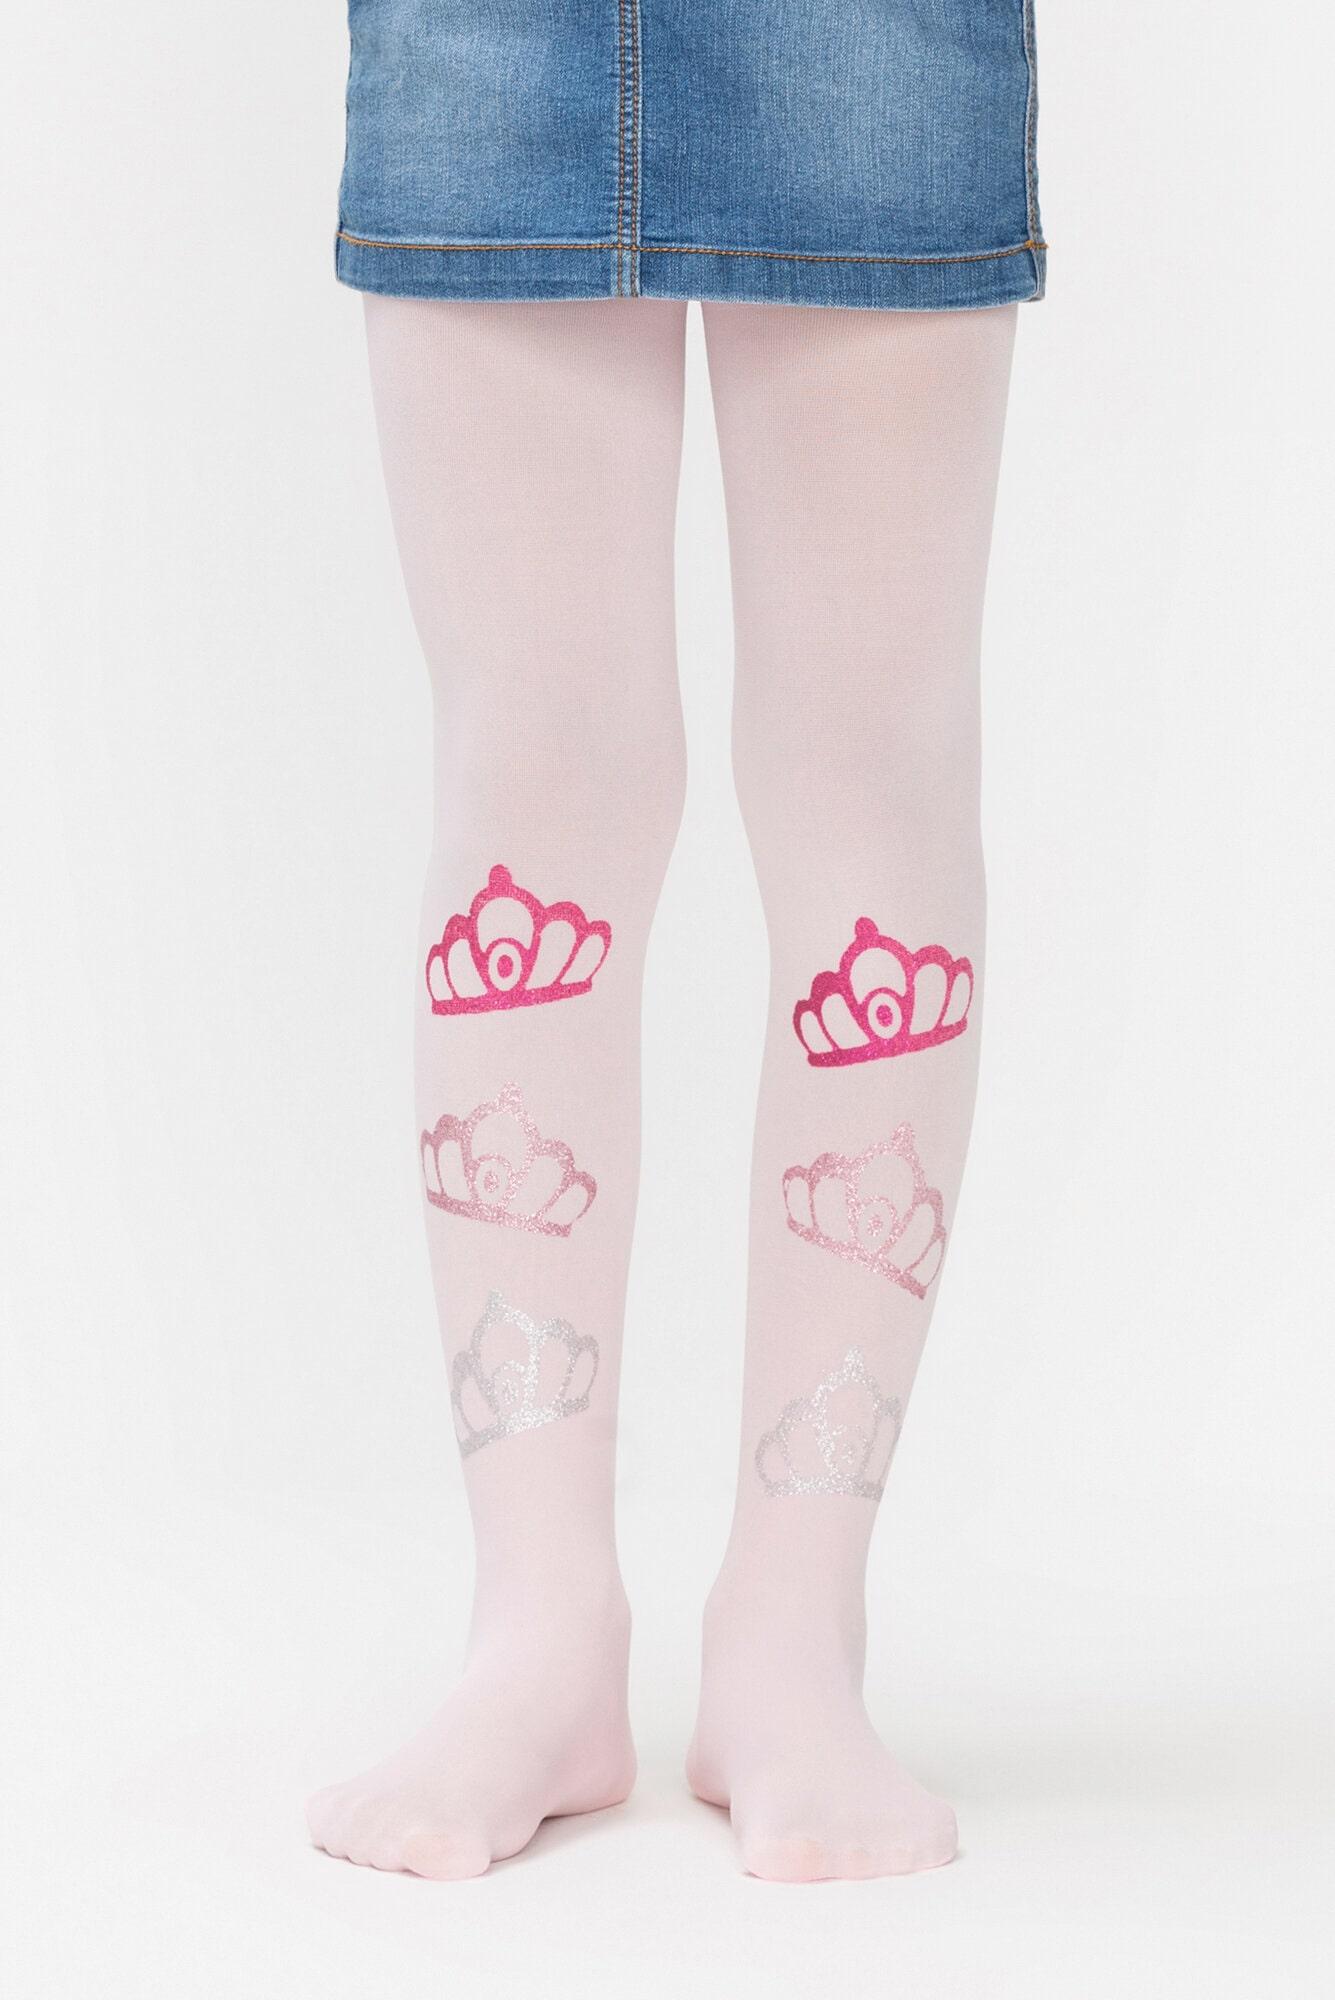 پنتی | Penti - جوراب شلواری طرحدار دخترانه پنتی Crown صورتی